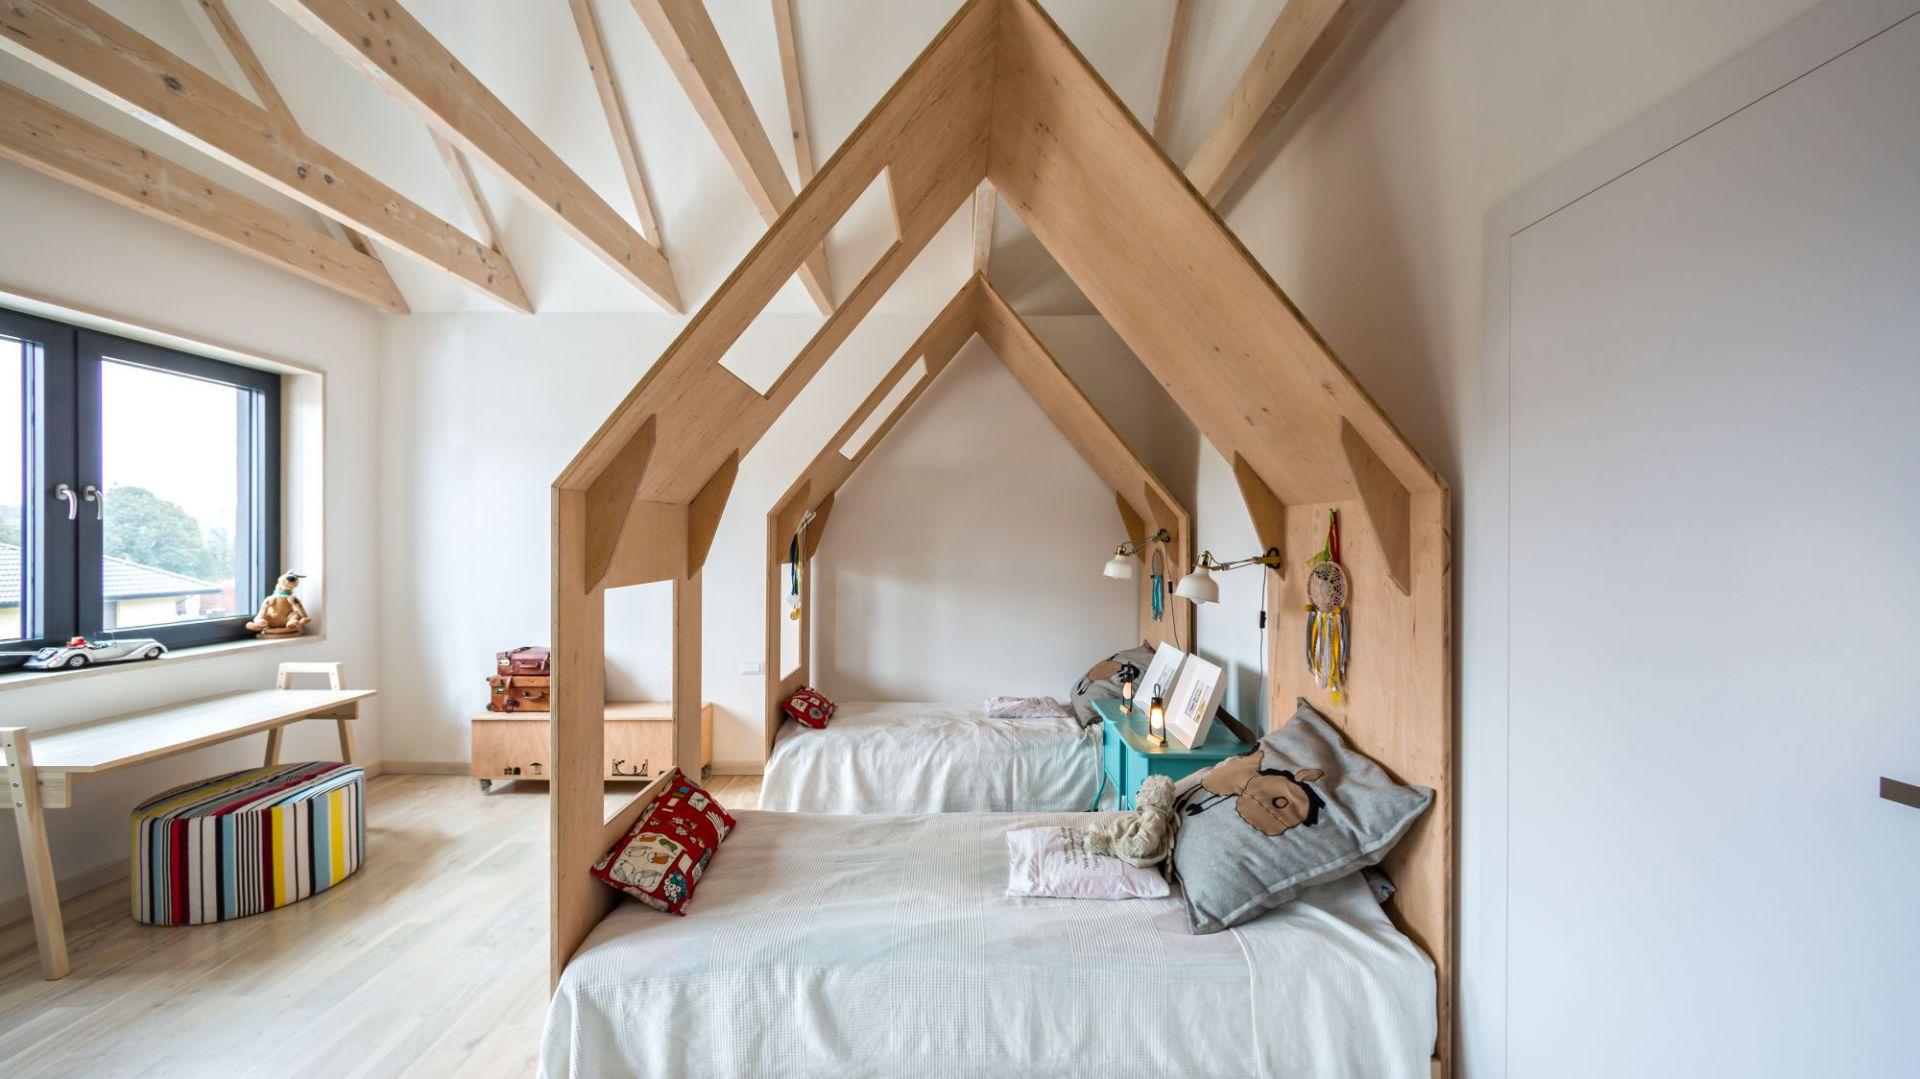 Pokój dziecka. Dom Fence House. Projekt: Paweł Garus, Jerzy Woźniak, Kinga Kin; mode:lina™ Fot. Marcin Ratajczak